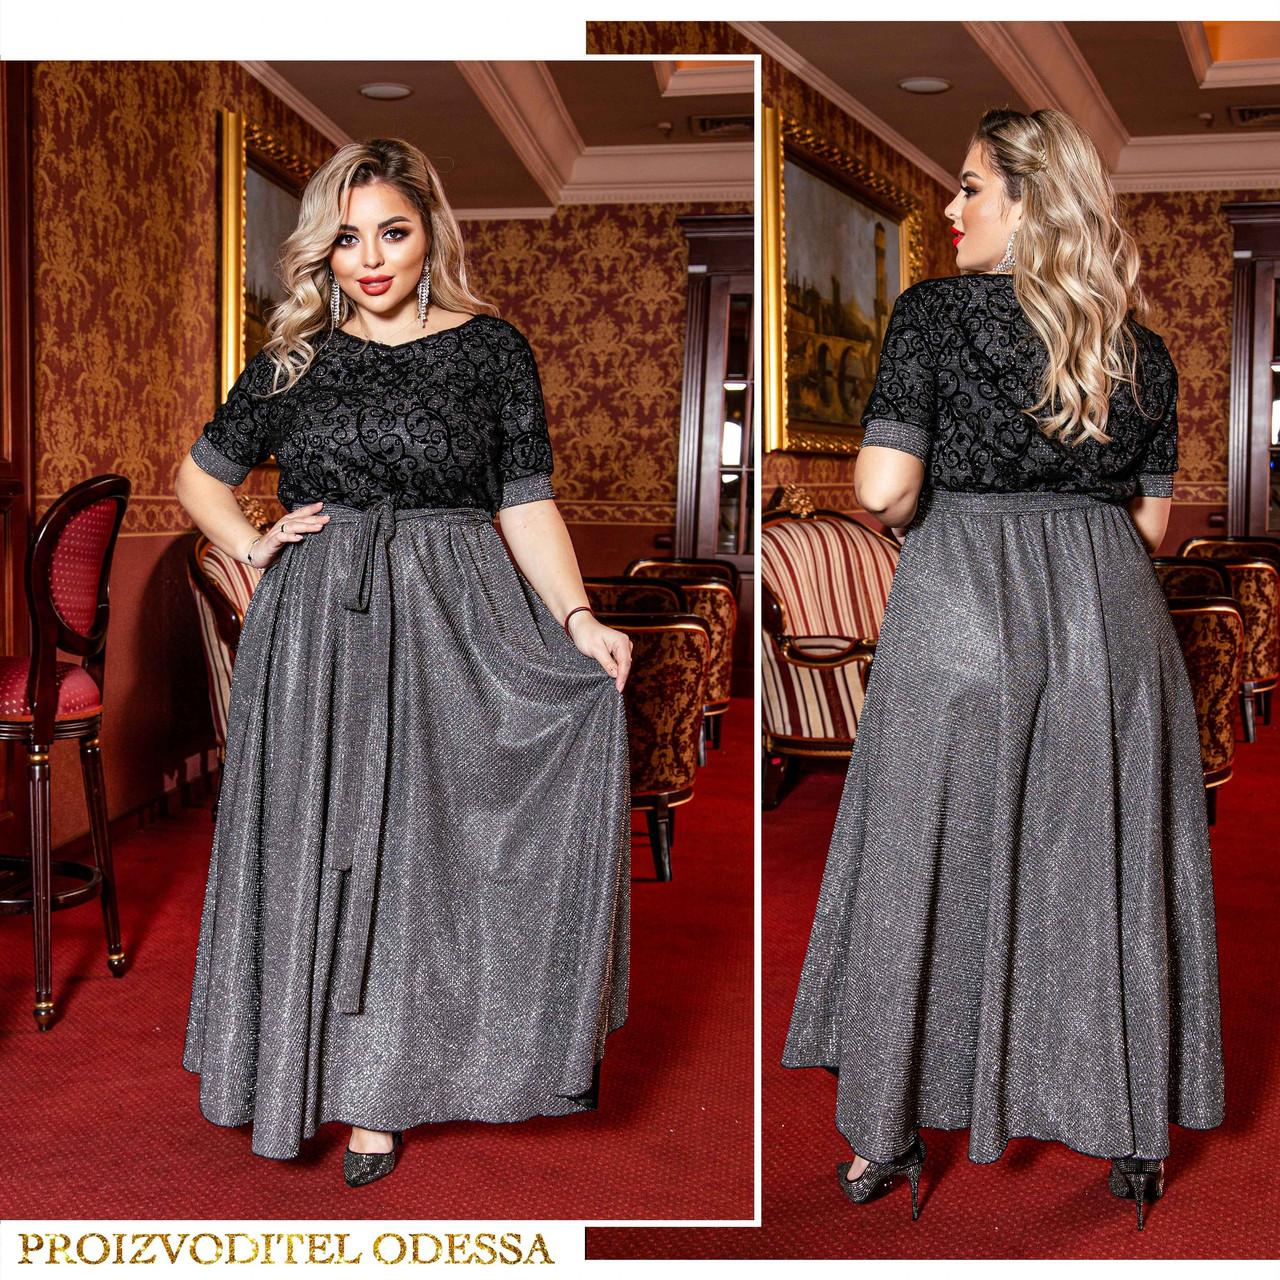 Женское нарядное платье в пол для пышной фигуры, разные цвета р.50-52,54-56,58-60 Код 9020Е